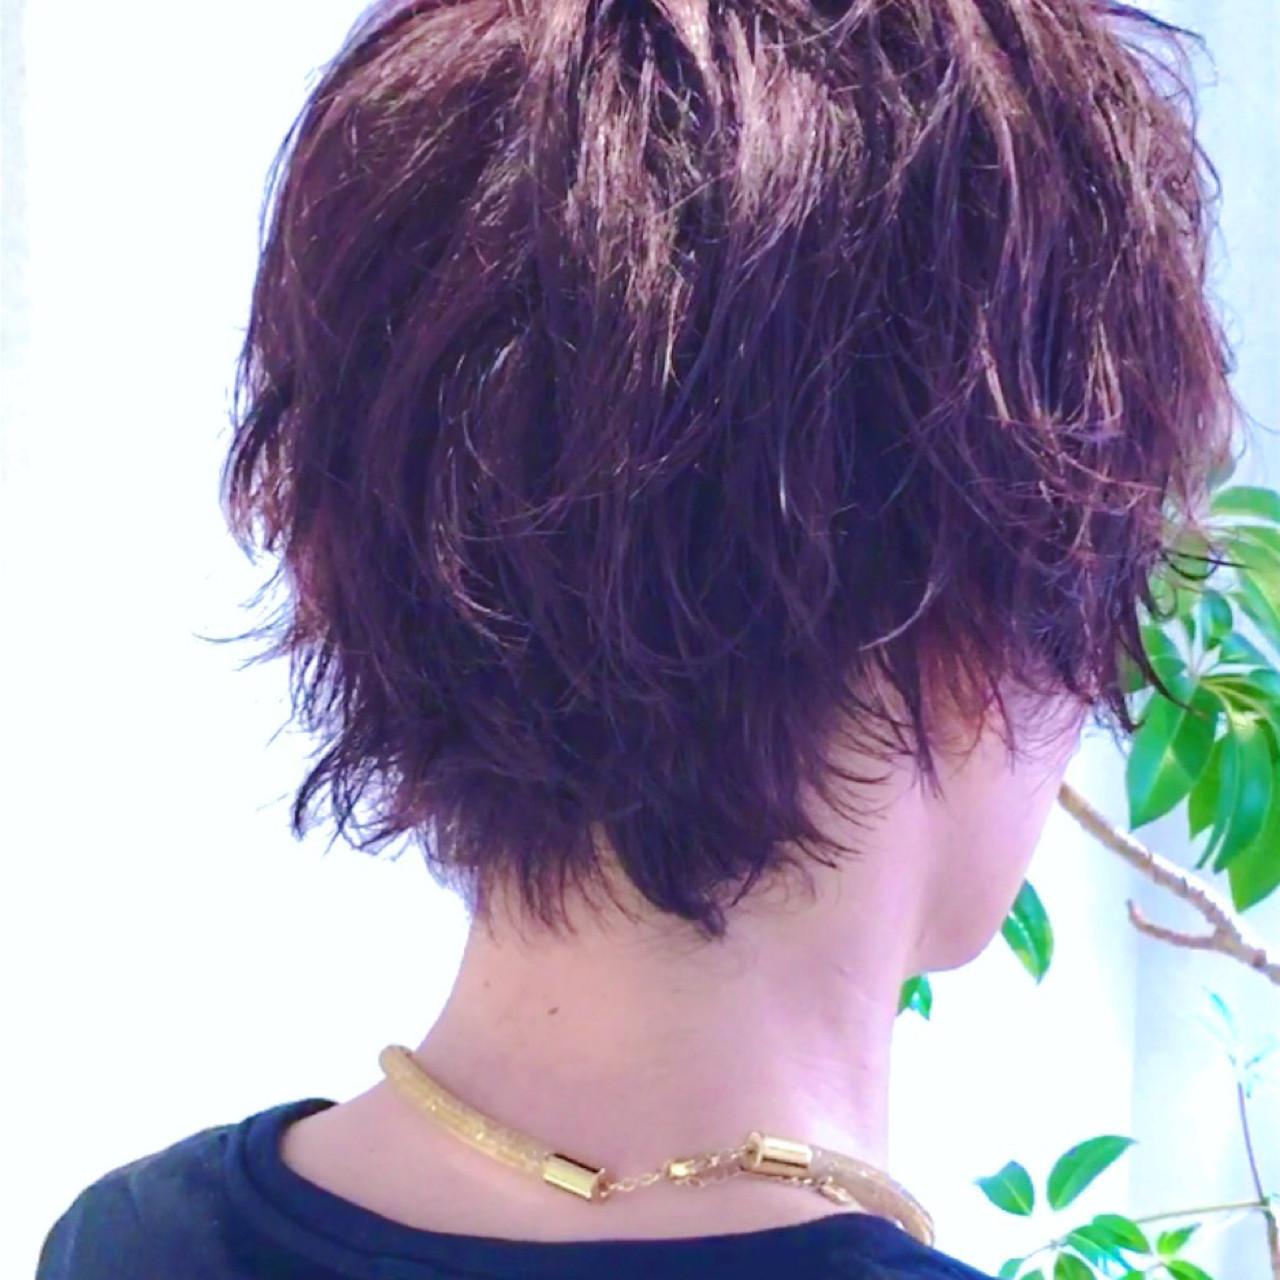 メンズのみなさんはシンプルな黒髪\u2026。なんて方が多いとも思います。ですが、メンズもいろんな髪色に挑戦してほしいんです!